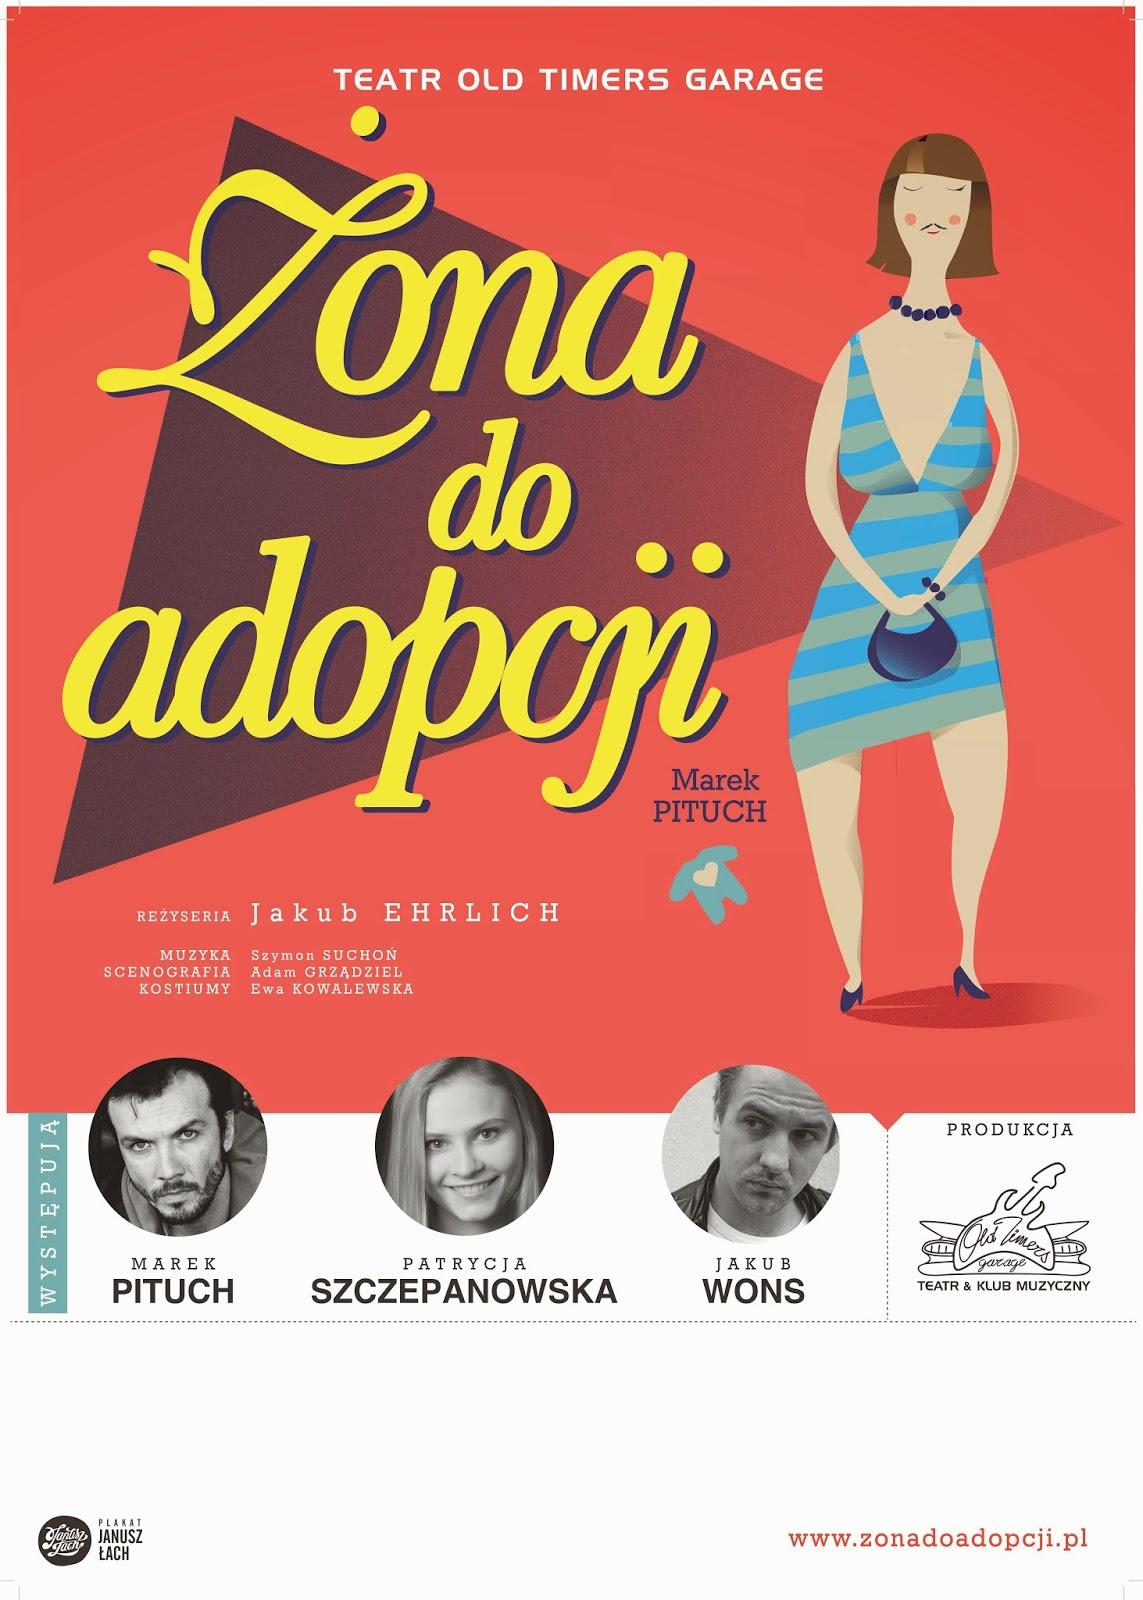 www.zonadoadopcji.pl